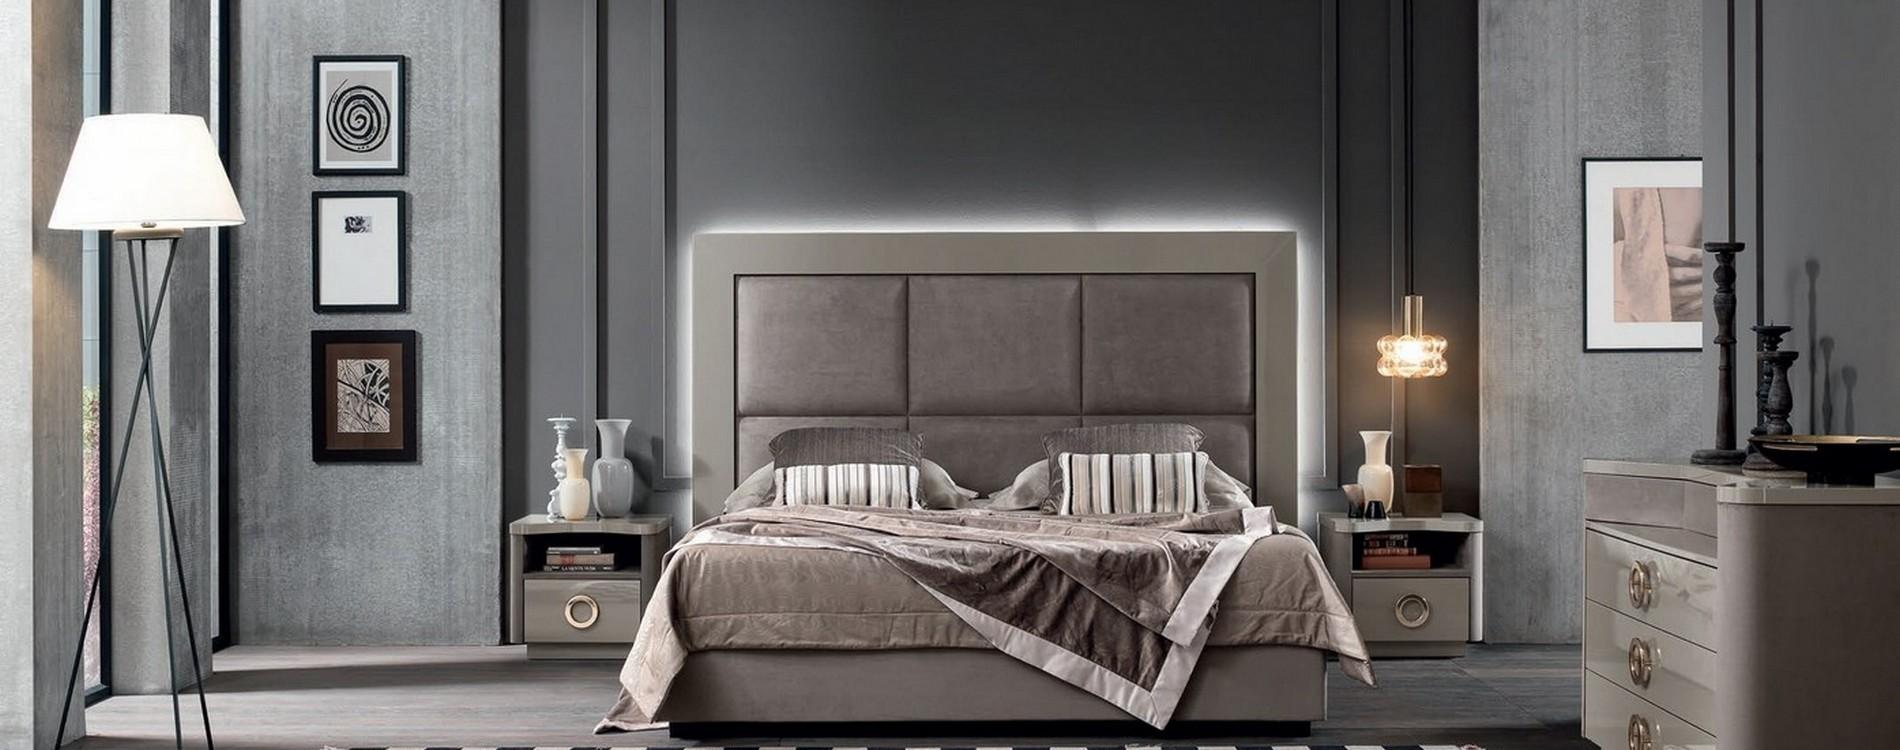 Mobilificio europa camere da letto letti comodini armadi - Computer in camera da letto ...